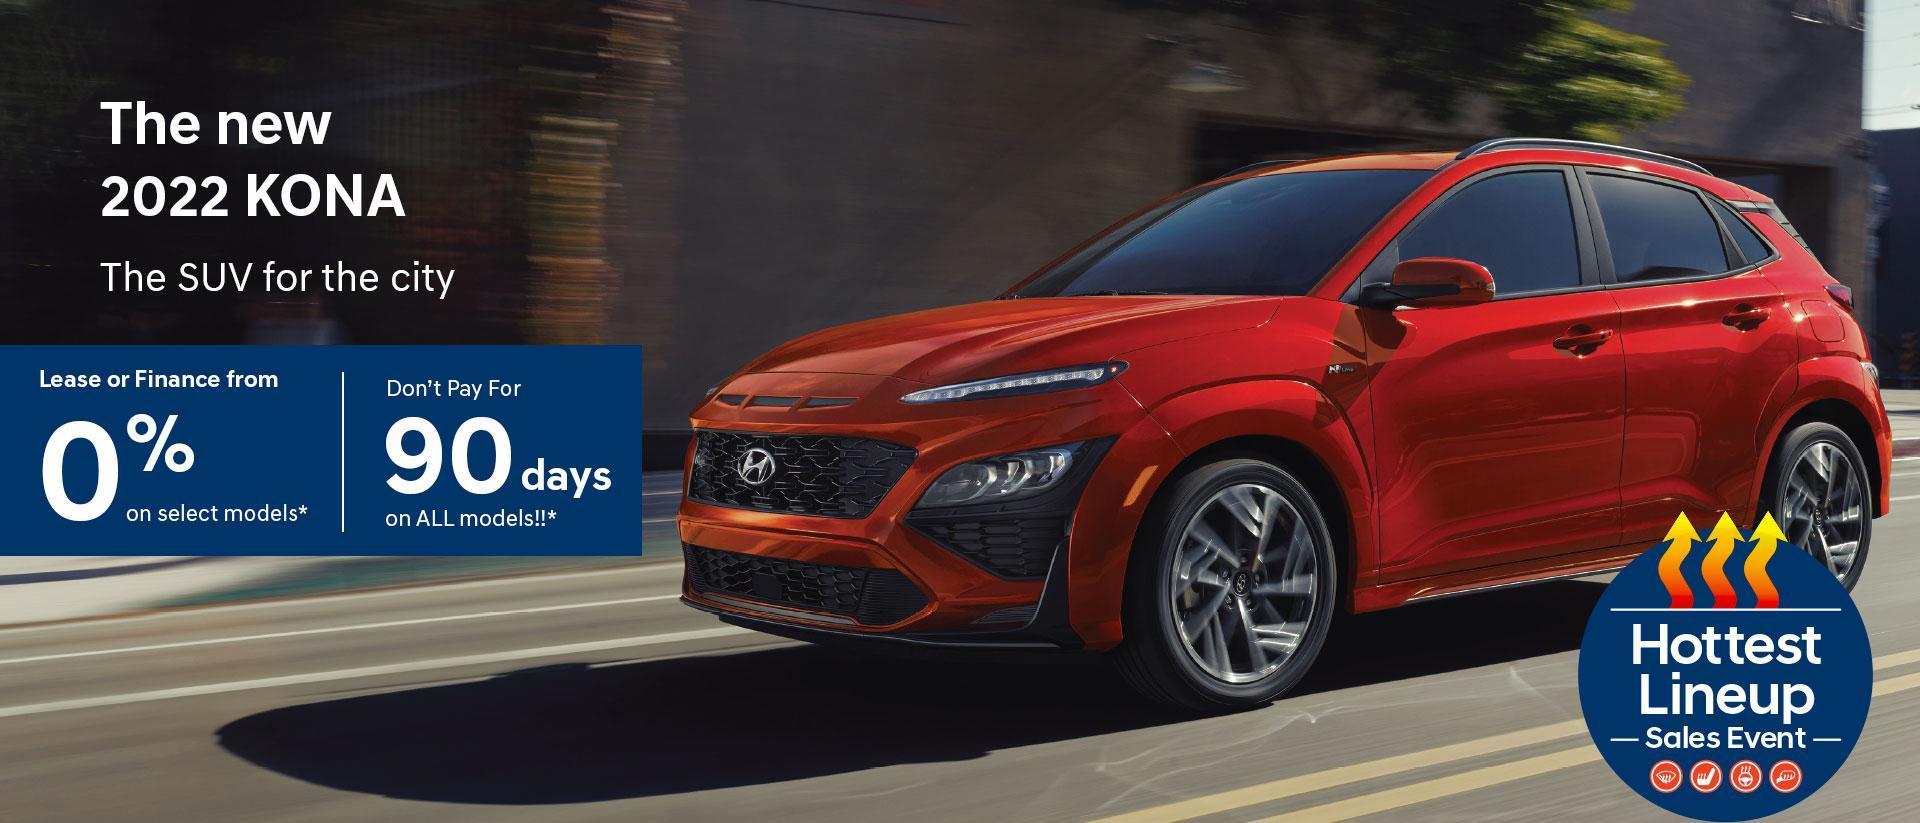 Hottest Lineup Sales Event | Hyundai of Canada | 2022 Hyundai Kona | Central Nova Hyundai